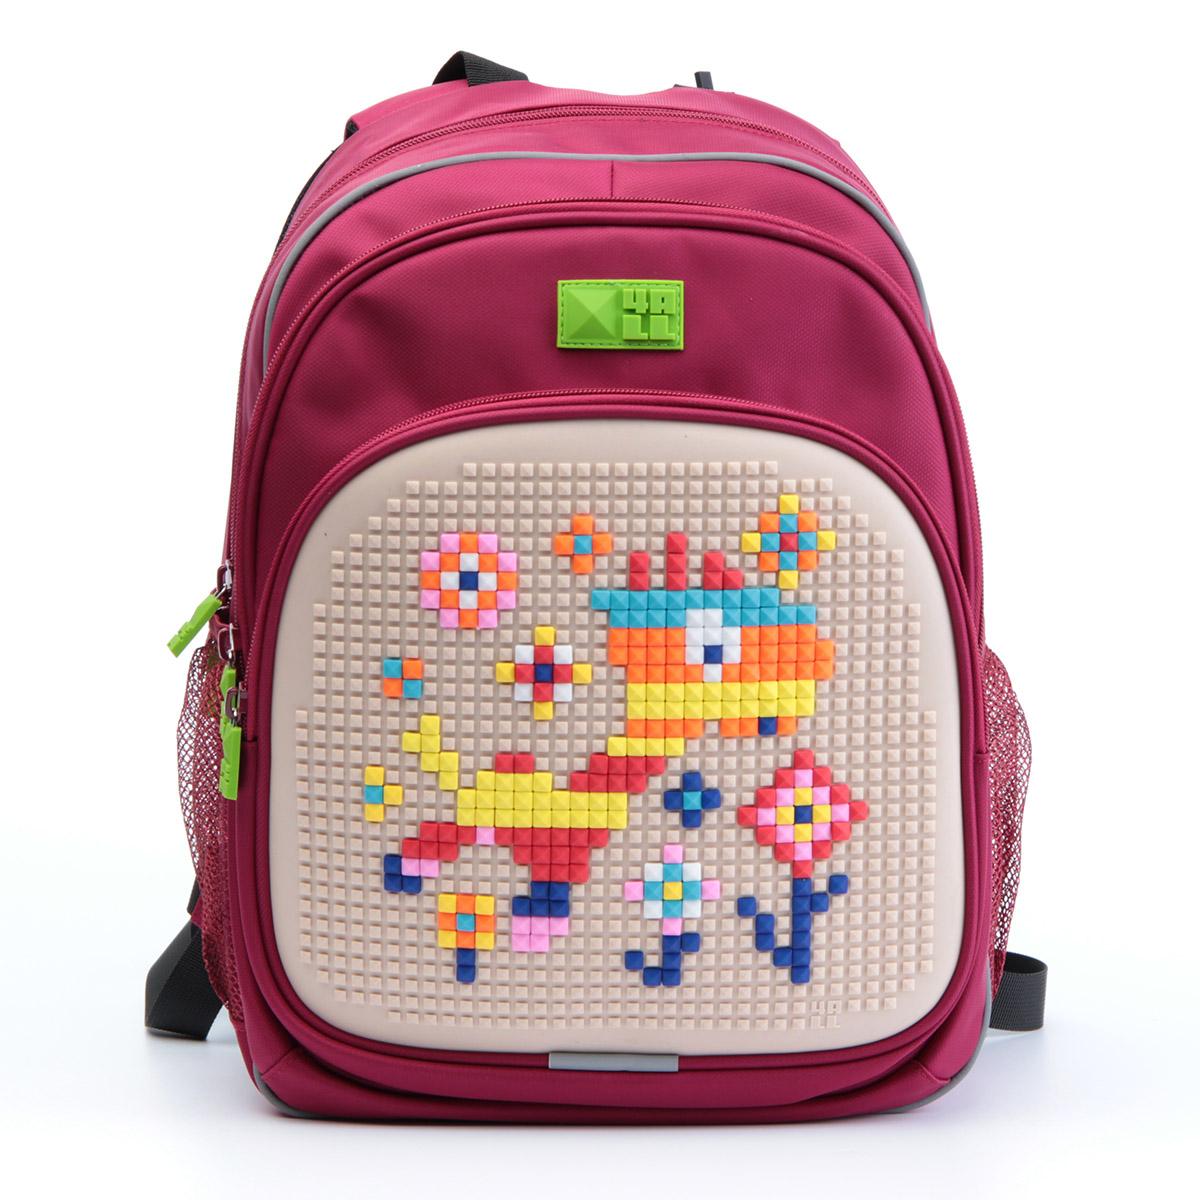 4ALL Рюкзак Kids цвет малиновый72523WDРюкзак 4ALL - это одновременно яркий, функциональный школьный аксессуар и площадка длясамовыражения. Уникальные рюкзаки Kids имеют гипоаллергенную силиконовую панель иразноцветные мозаичные биты, с помощью которых на рюкзаке можно создавать графическиешедевры хоть каждый день!Модель выполнена из полиэстера с водоотталкивающейпропиткой. Рюкзак имеет 2 отделения, снаружи расположены 3 кармана (передний - на молнии,боковые - сетчатые). Система Air Comfort System обеспечивает свободную циркуляцию воздухамежду задней стенкой рюкзака и спиной ребенка. Система Ergo System служит равномерномураспределению нагрузки на спину ребенка, сохранению правильной осанки. Она способна сделатьрюкзак, наполненный учебниками, легким.Ортопедическая спинка как корсет поддерживаетпозвоночник, правильно распределяя нагрузку. Простая и удобная конструкция спины и лямокпозволяет использовать рюкзак даже деткам от 3-х лет.Светоотражающие вставки отвечаютза безопасность ребенка в темное время суток.В комплекте 1 упаковка разноцветныхпикселей-битов и инструкция для создания базовой картинки. Работа с мелкимибитами позволяет дополнительно развивать мелкую моторику рук малыша.